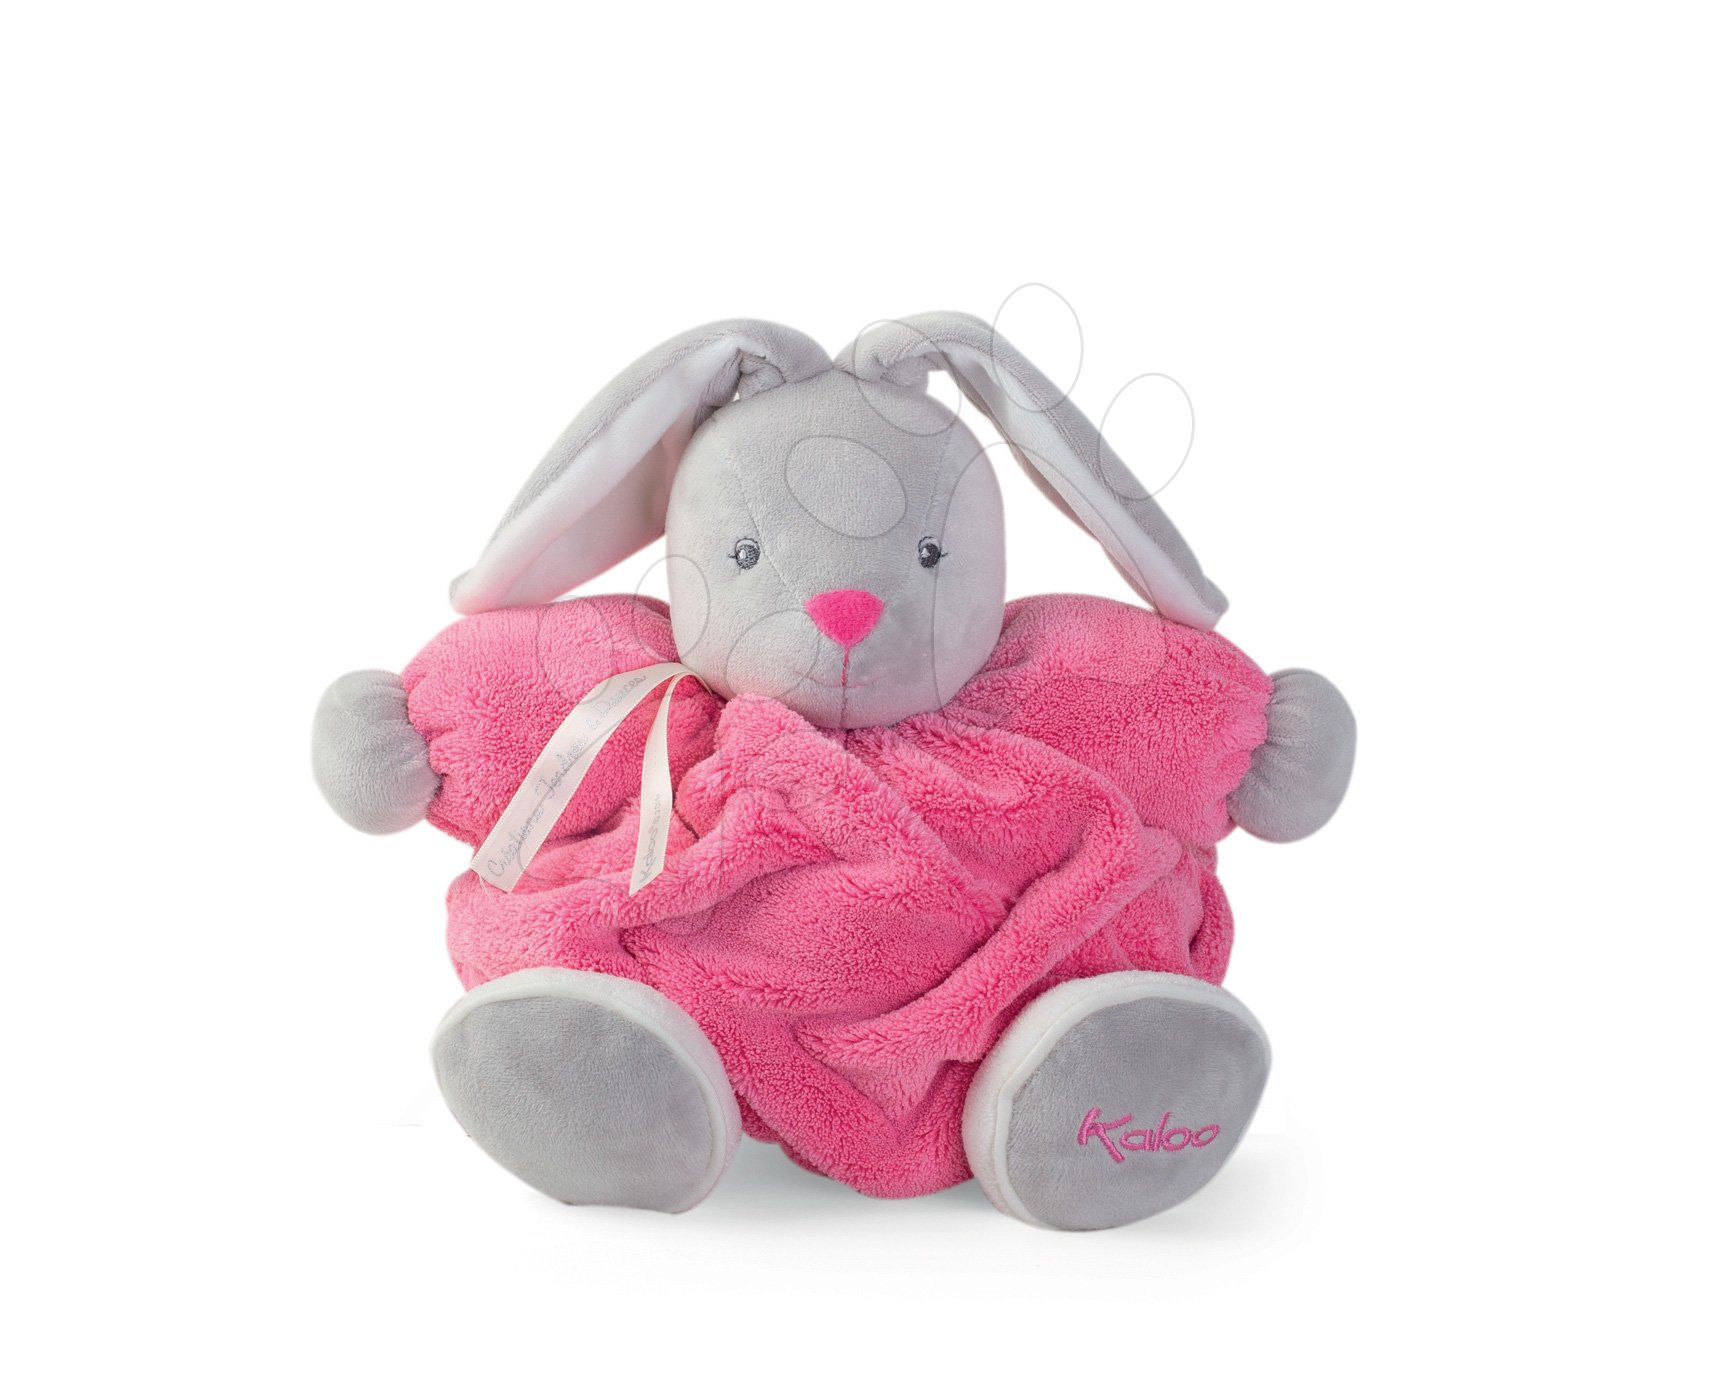 Kaloo plyšový zajačik Plume Chubby 25 cm 969557 ružový